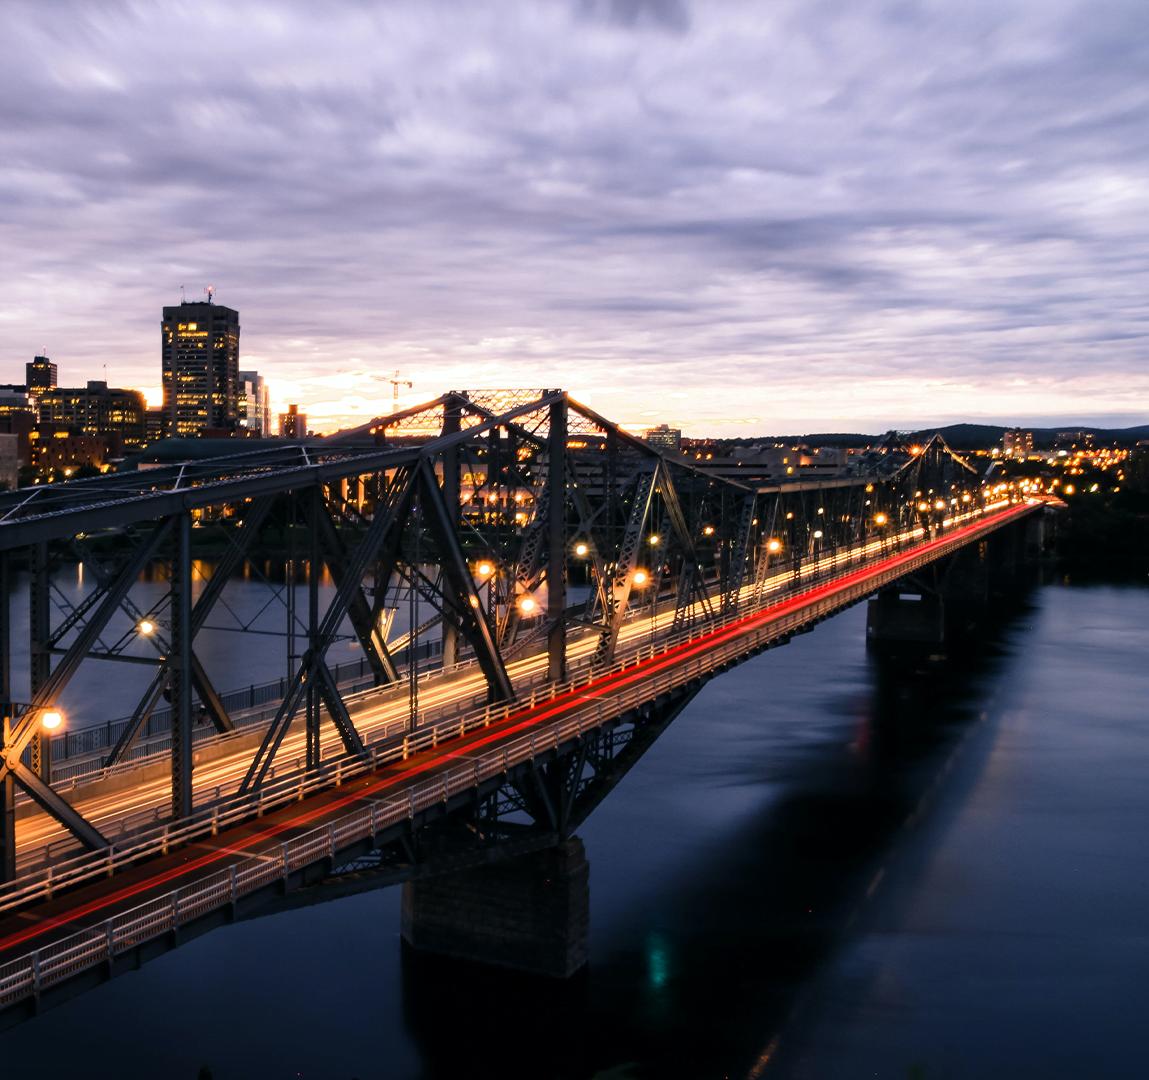 Long exposure shot of city bridge in evening